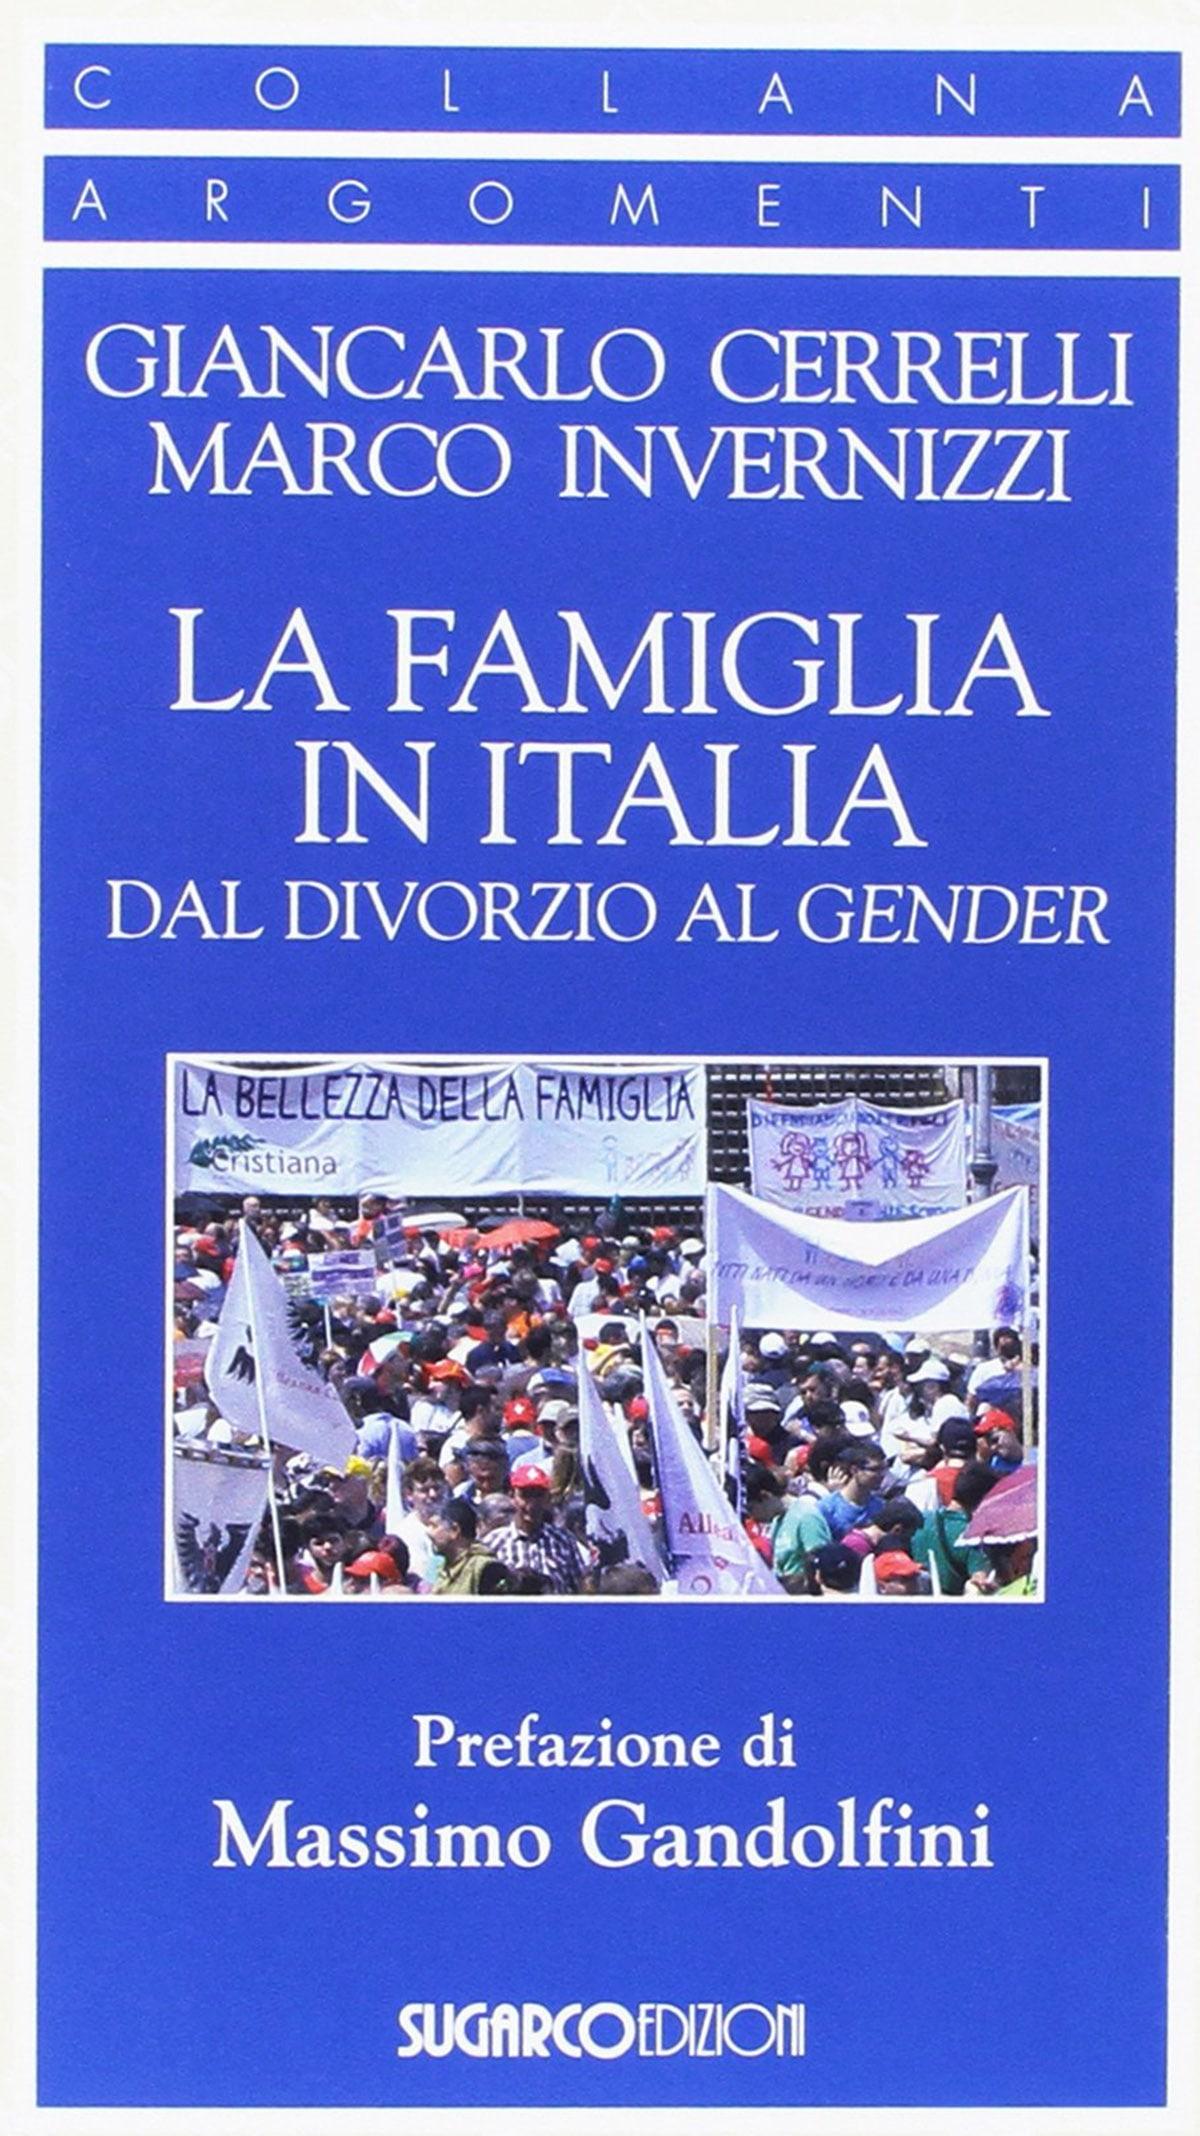 La famiglia dal divorzio al gender